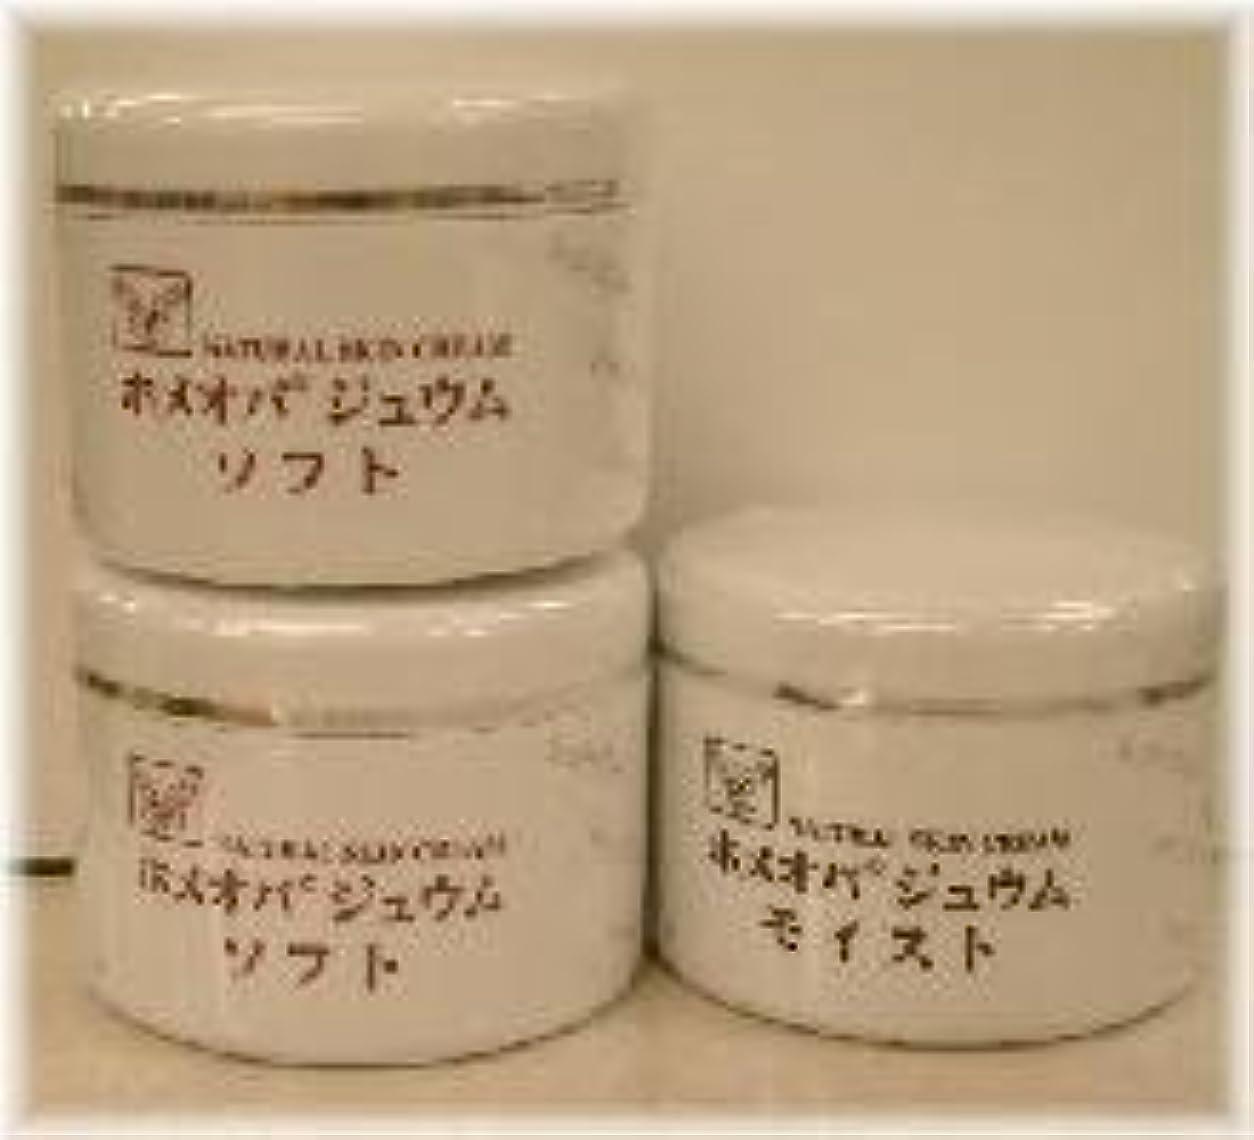 感性競争力のある後退するホメオパジュウム スキンケア商品3点 ¥10500クリームソフト2個+クリームモイスト